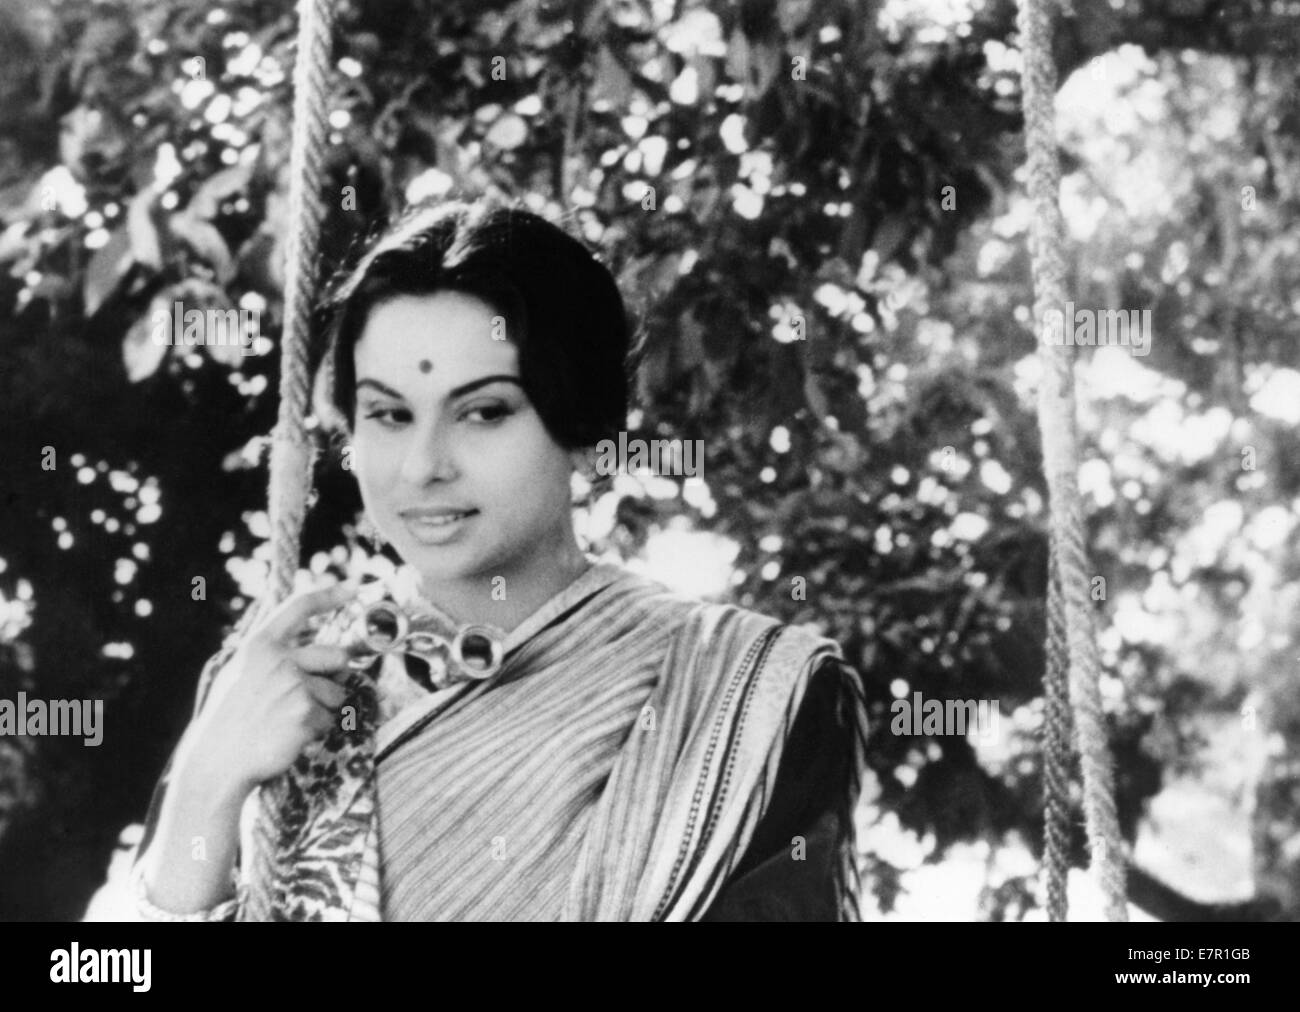 images Madhabi Mukherjee